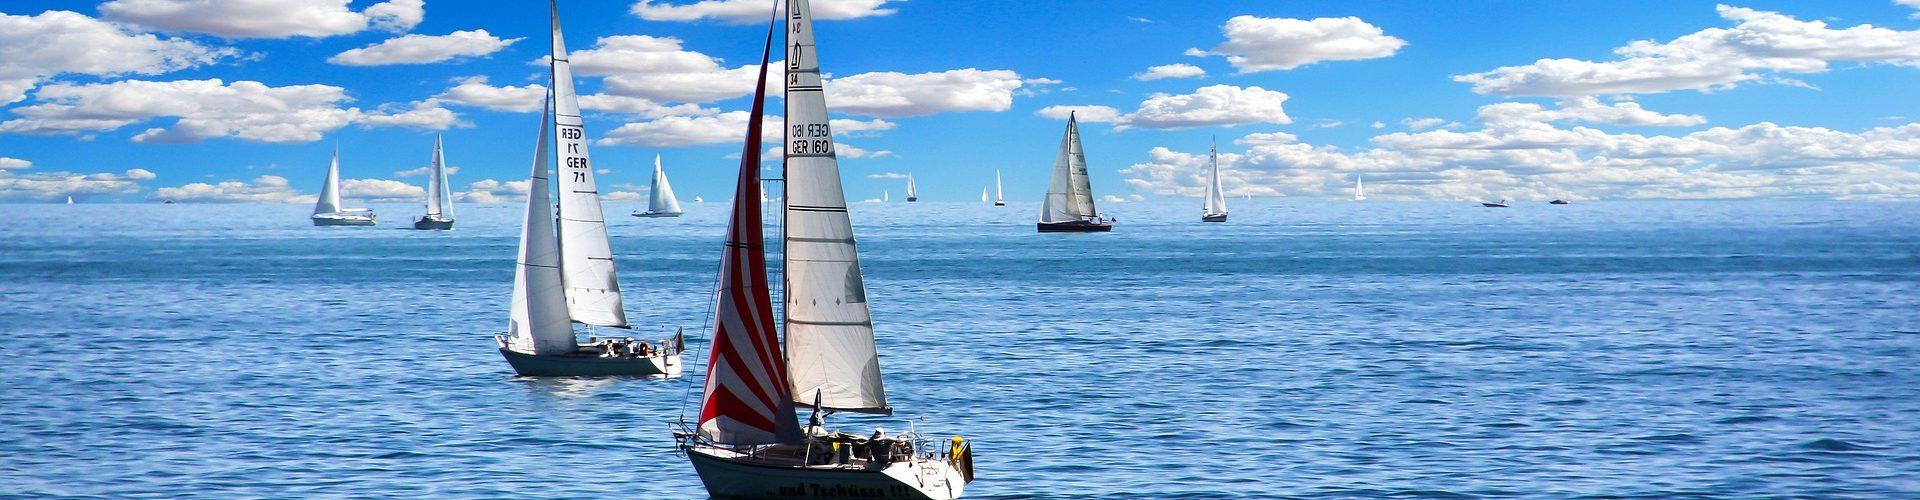 segeln lernen in Witten segelschein machen in Witten 1920x500 - Segeln lernen in Witten